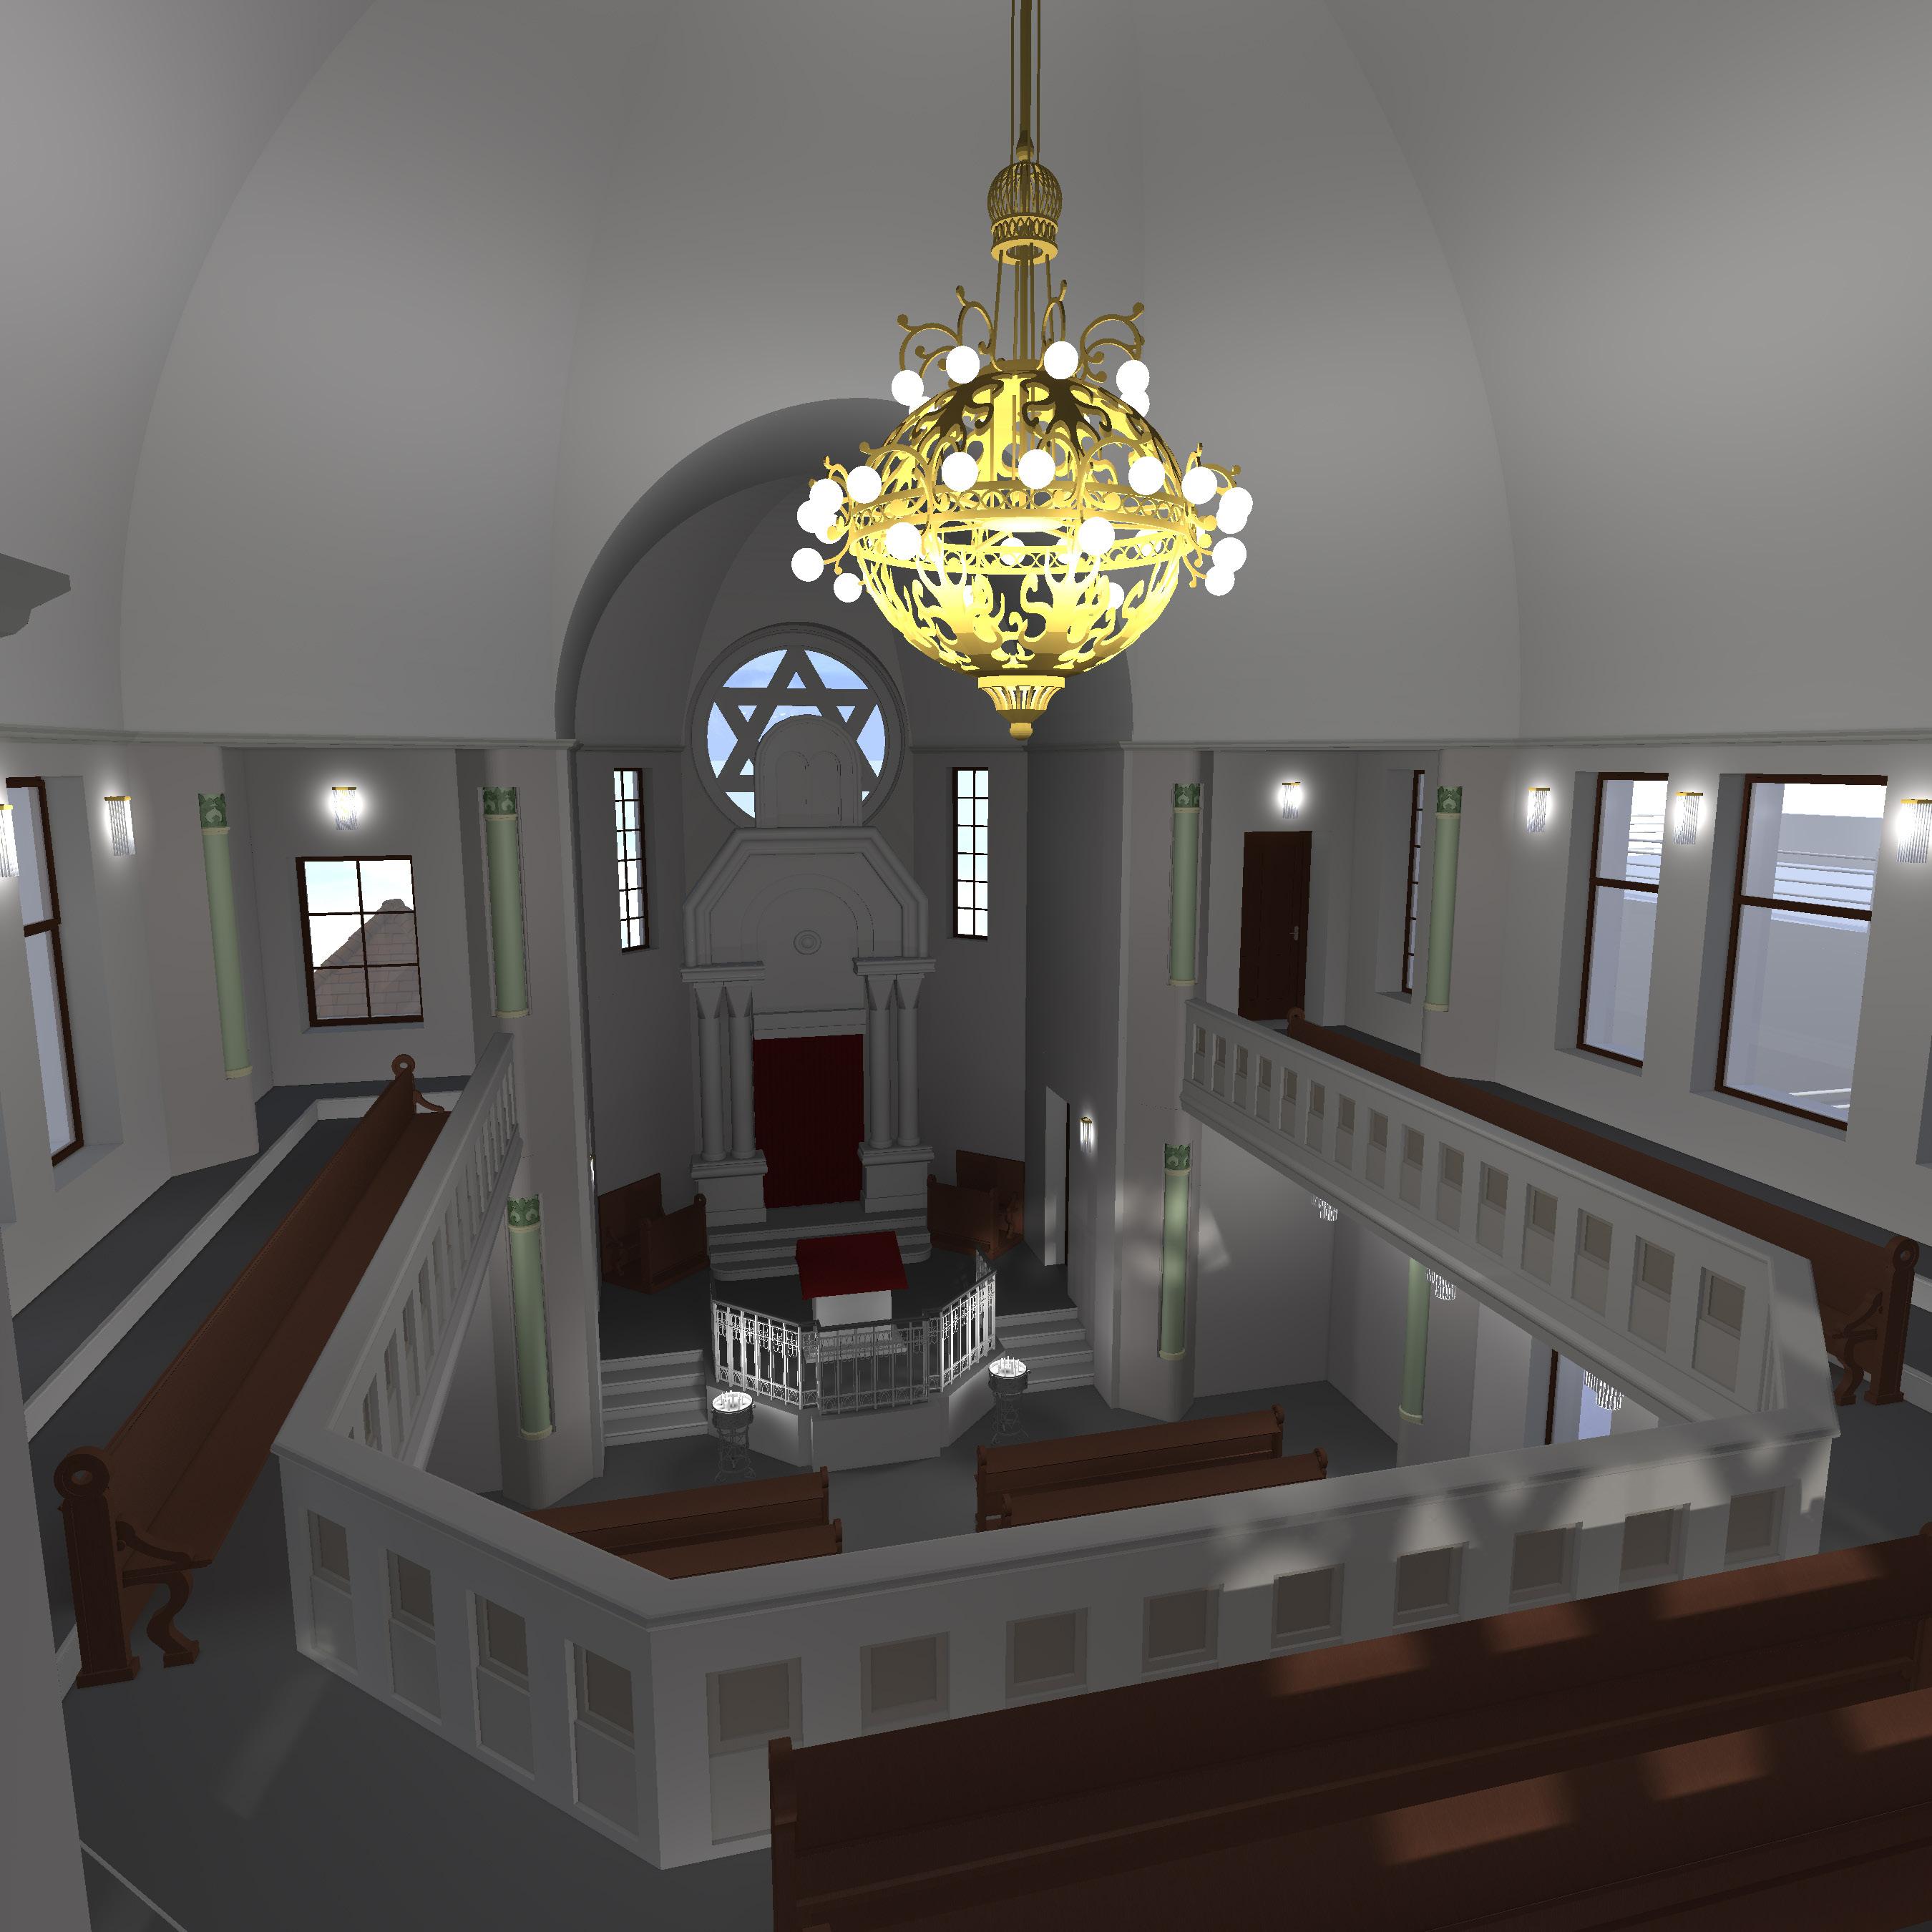 Synagoge ohne Glaskuppel, Blick von der Frauengalerie